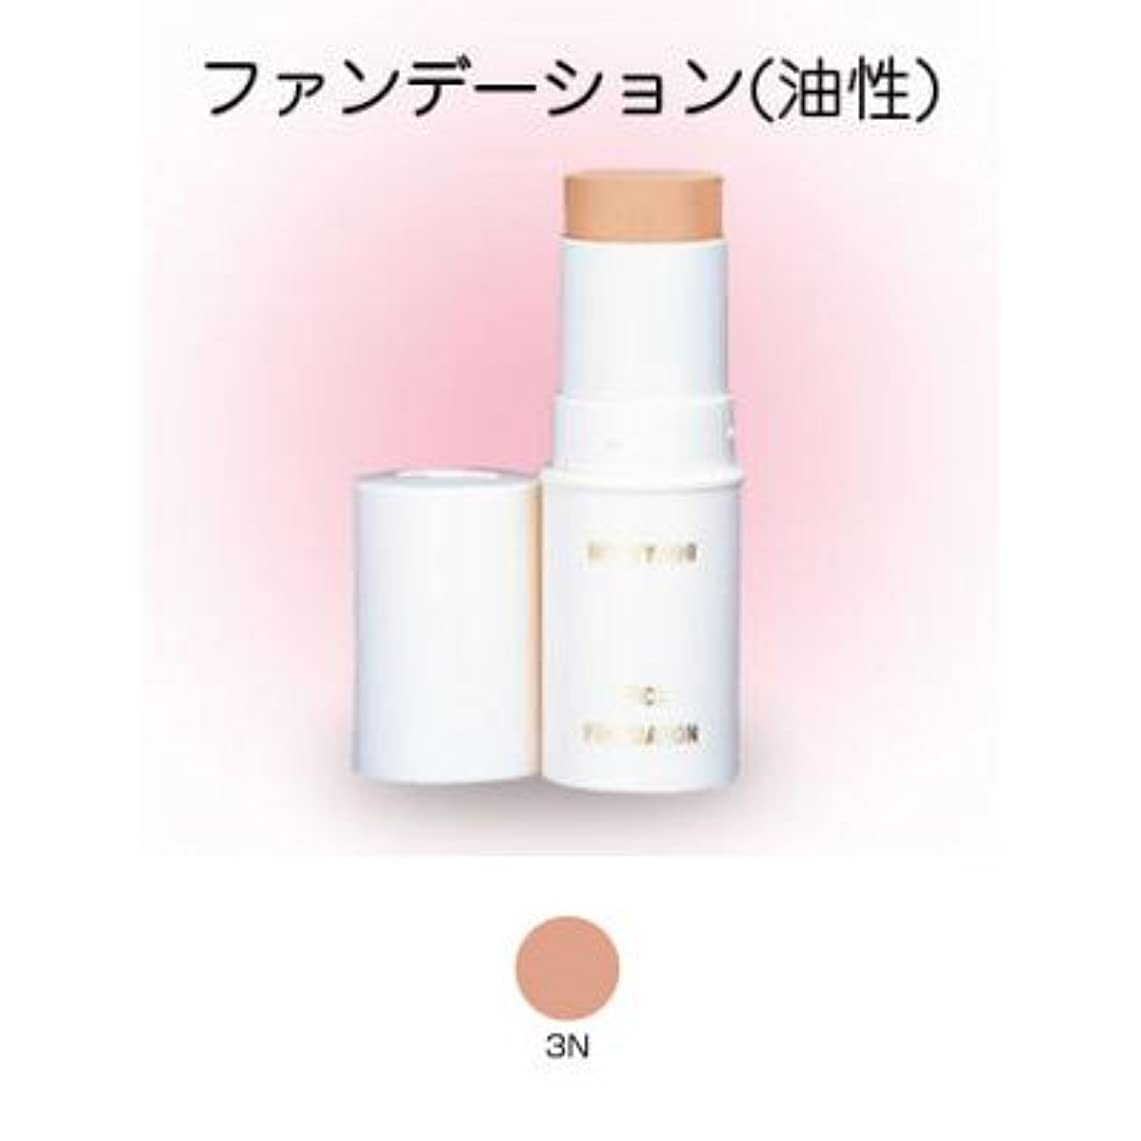 ラッシュ生物学チャンピオンスティックファンデーション 16g 3N 【三善】